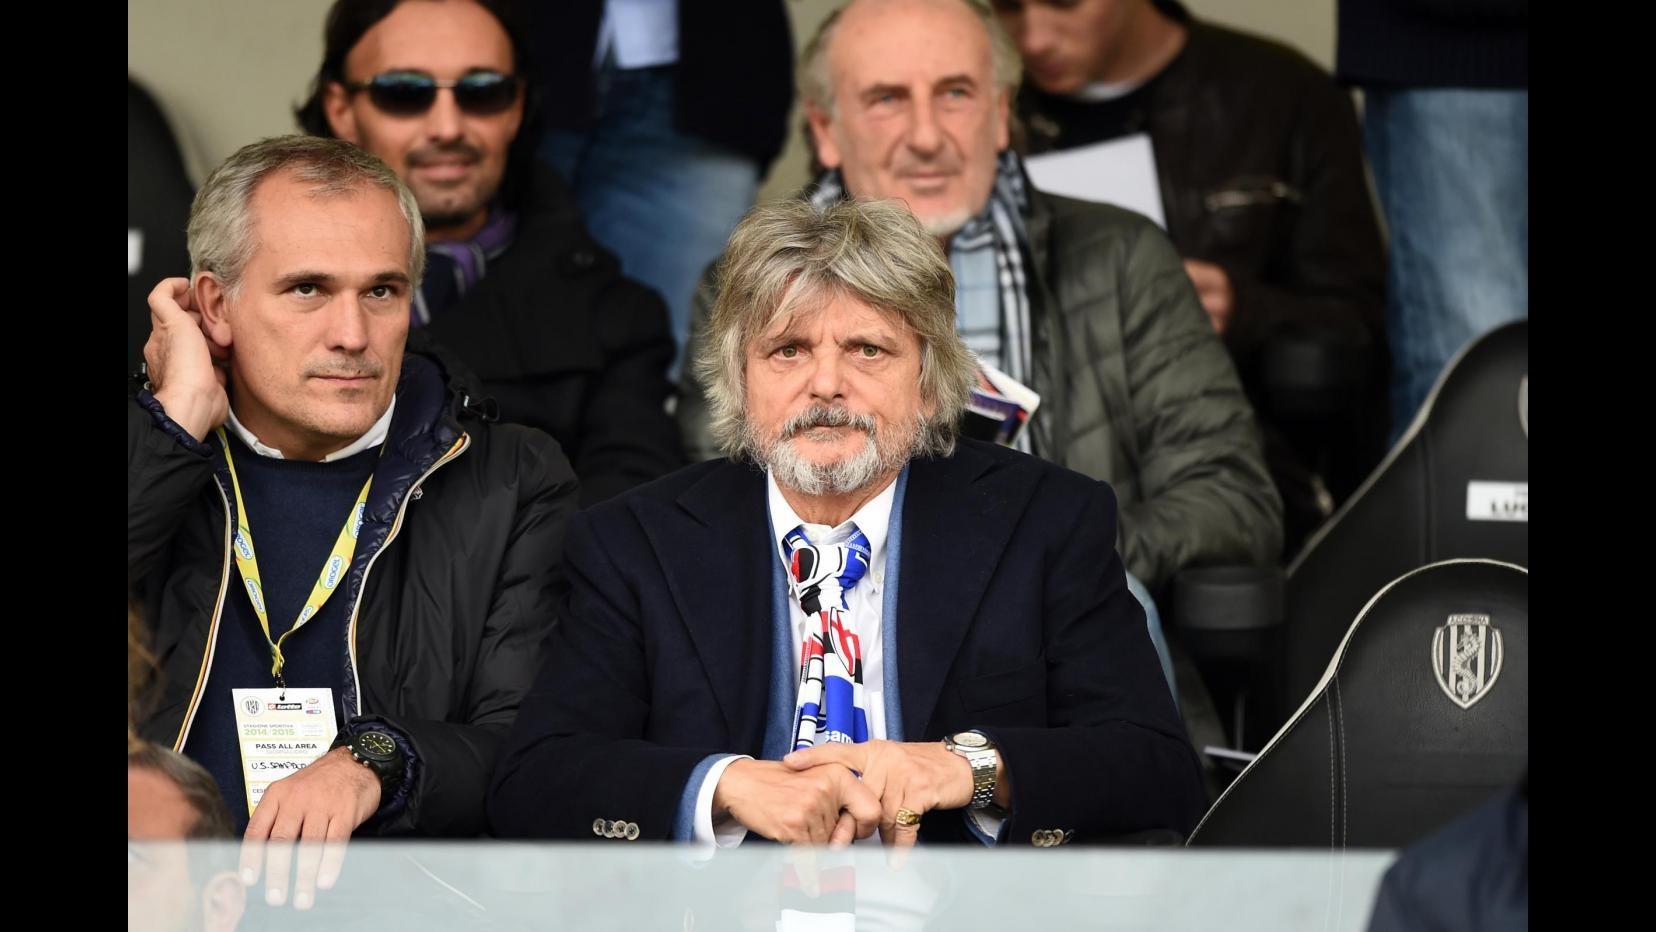 Sampdoria in aiuto del Parma: a disposizione per organizzare trasferta squadra Primavera